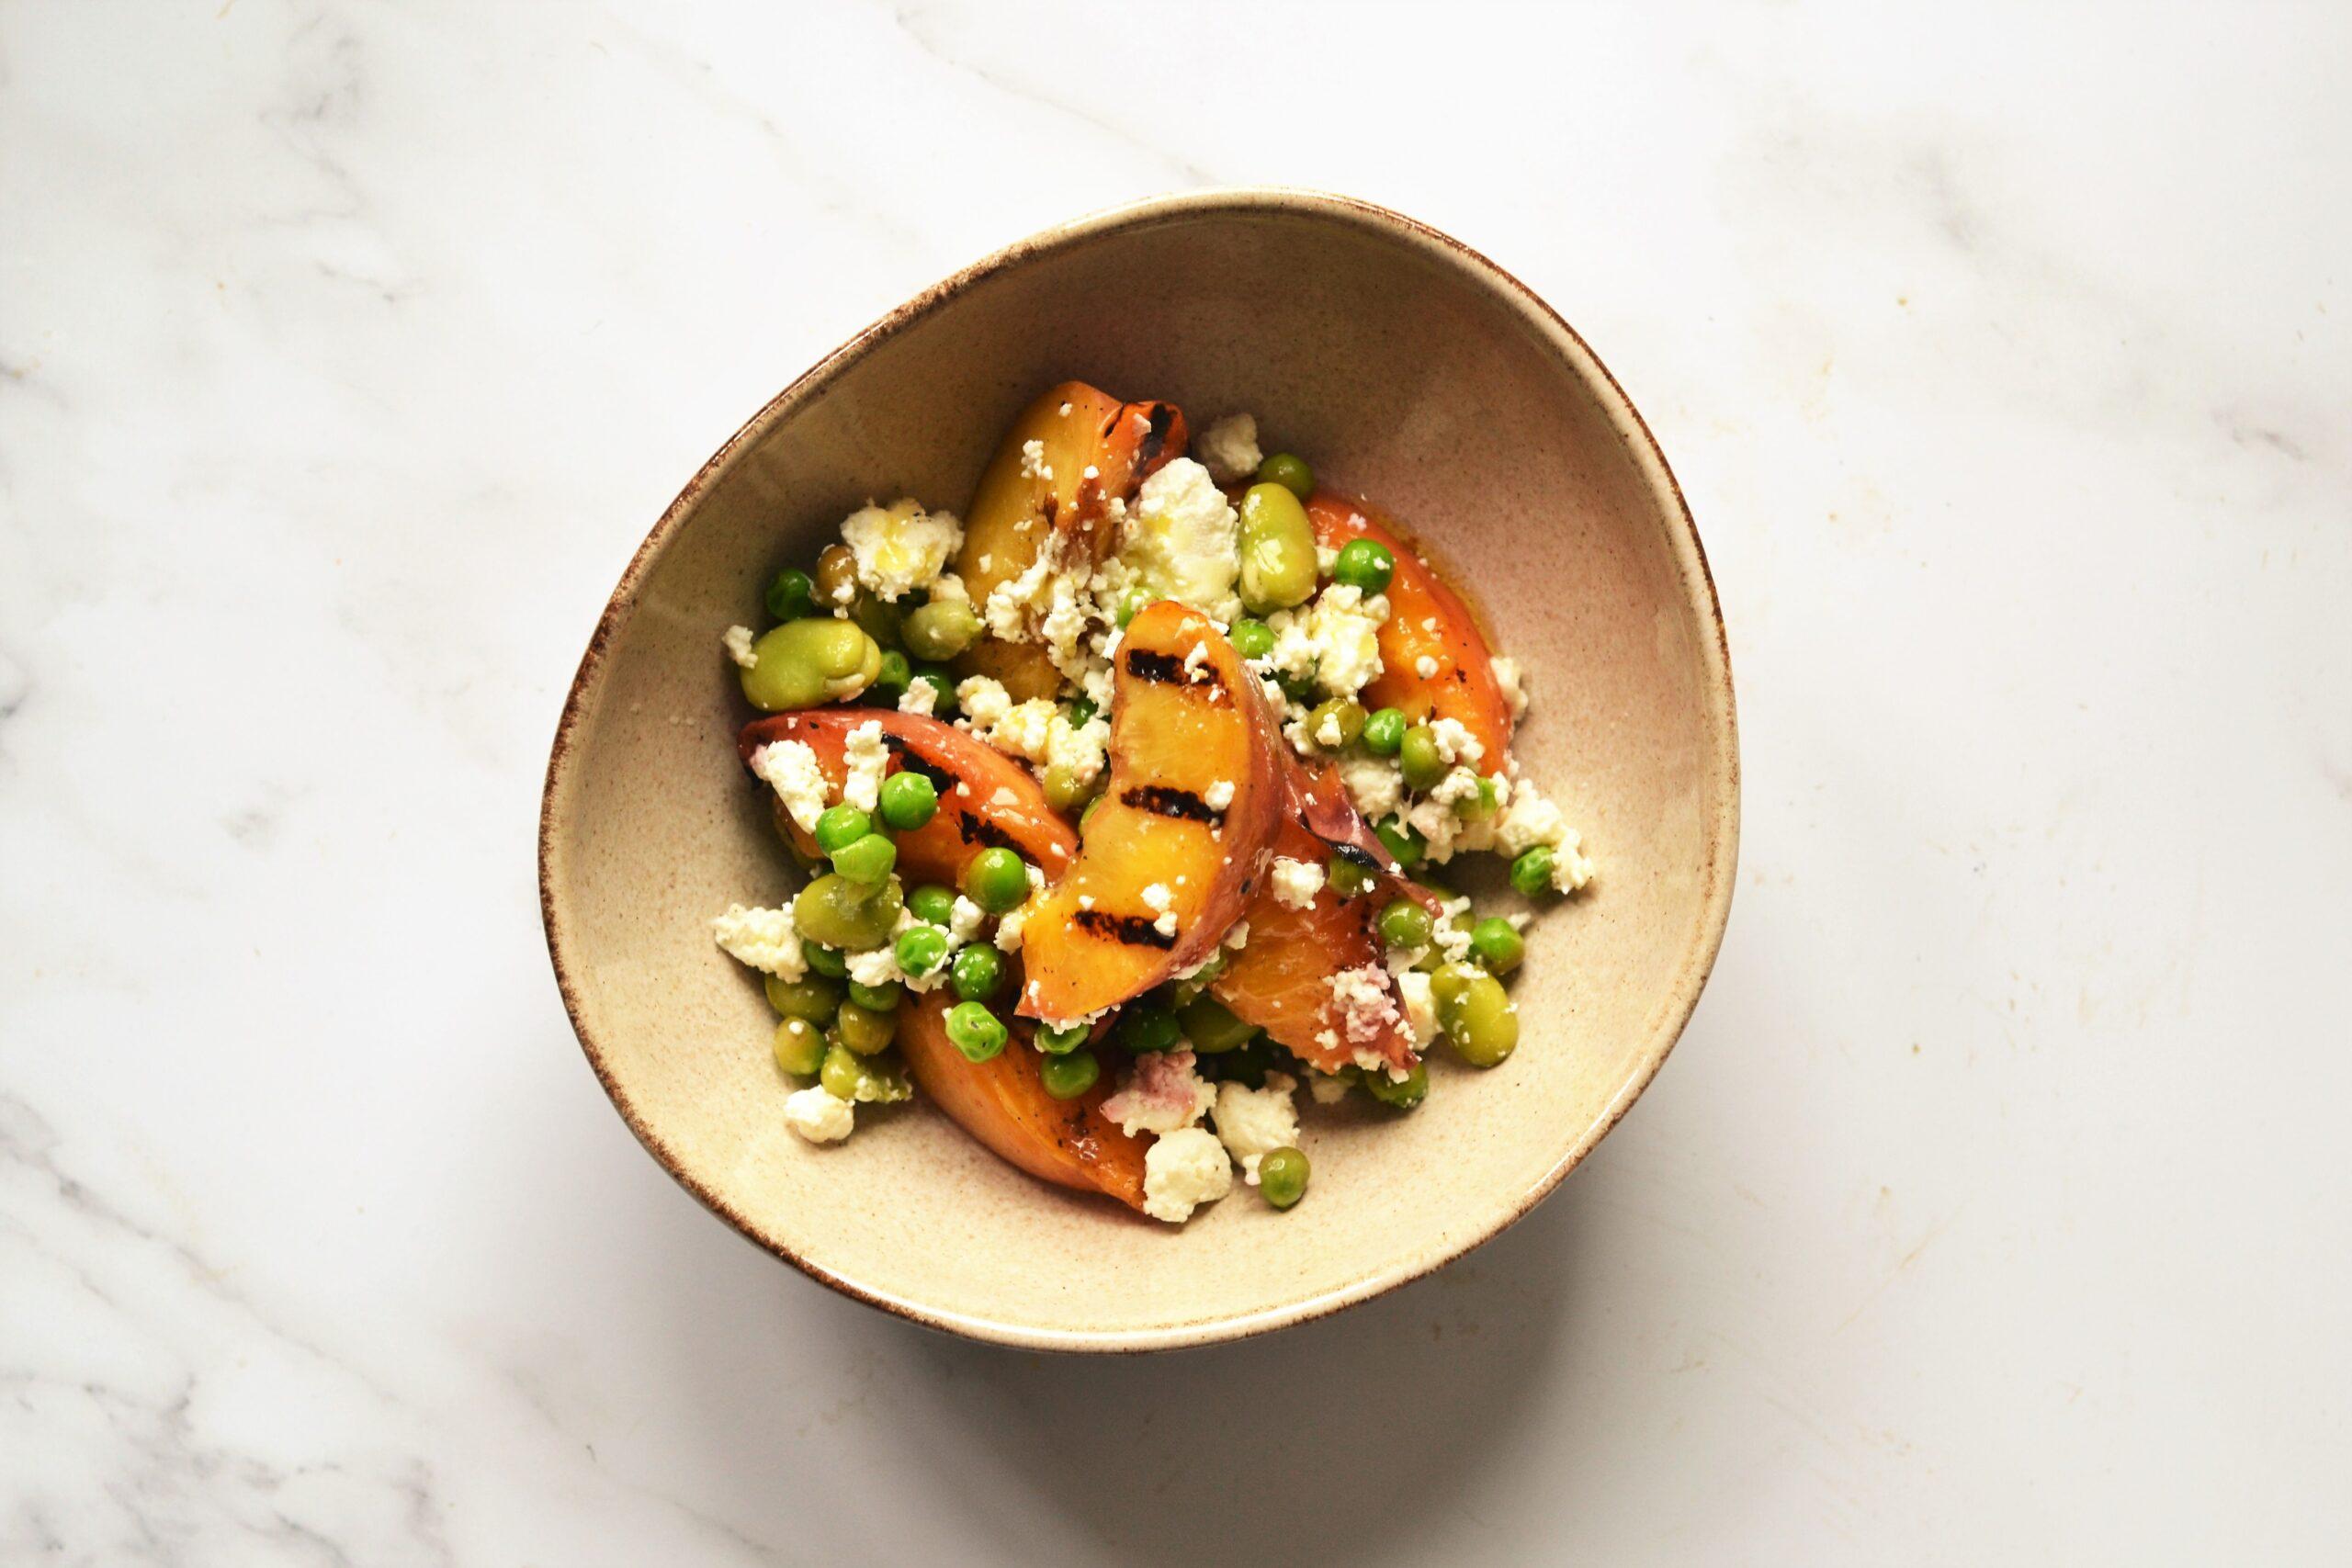 Lussmanns takeaway service nectarine salad | Image credit Bitten Oxford